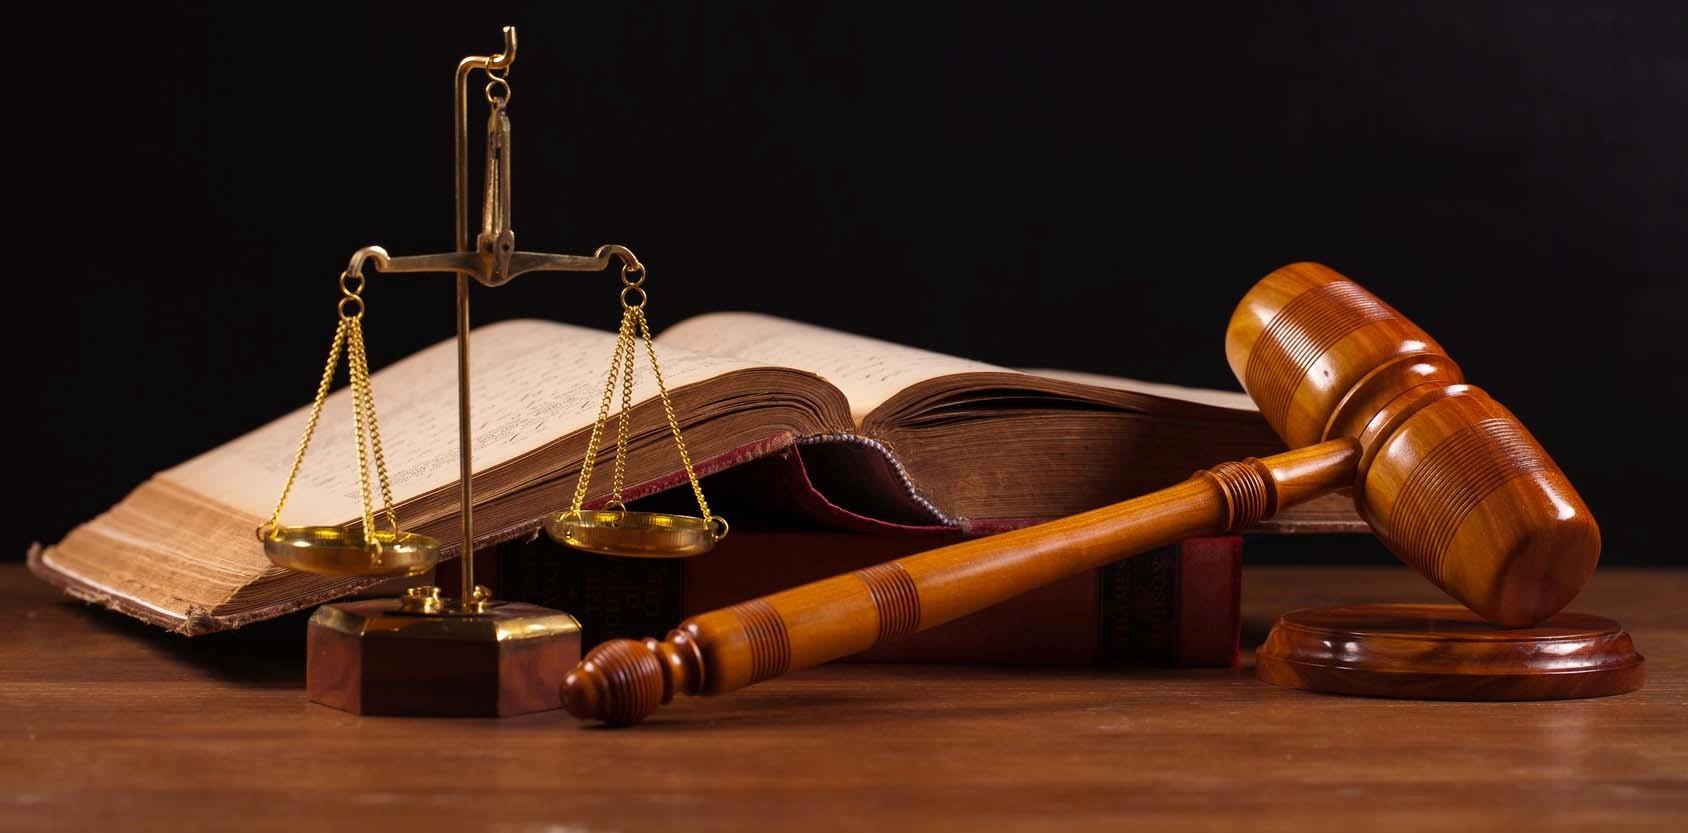 حدنصاب تراز دعوت به مصاحبه دکتری حقوق عمومی